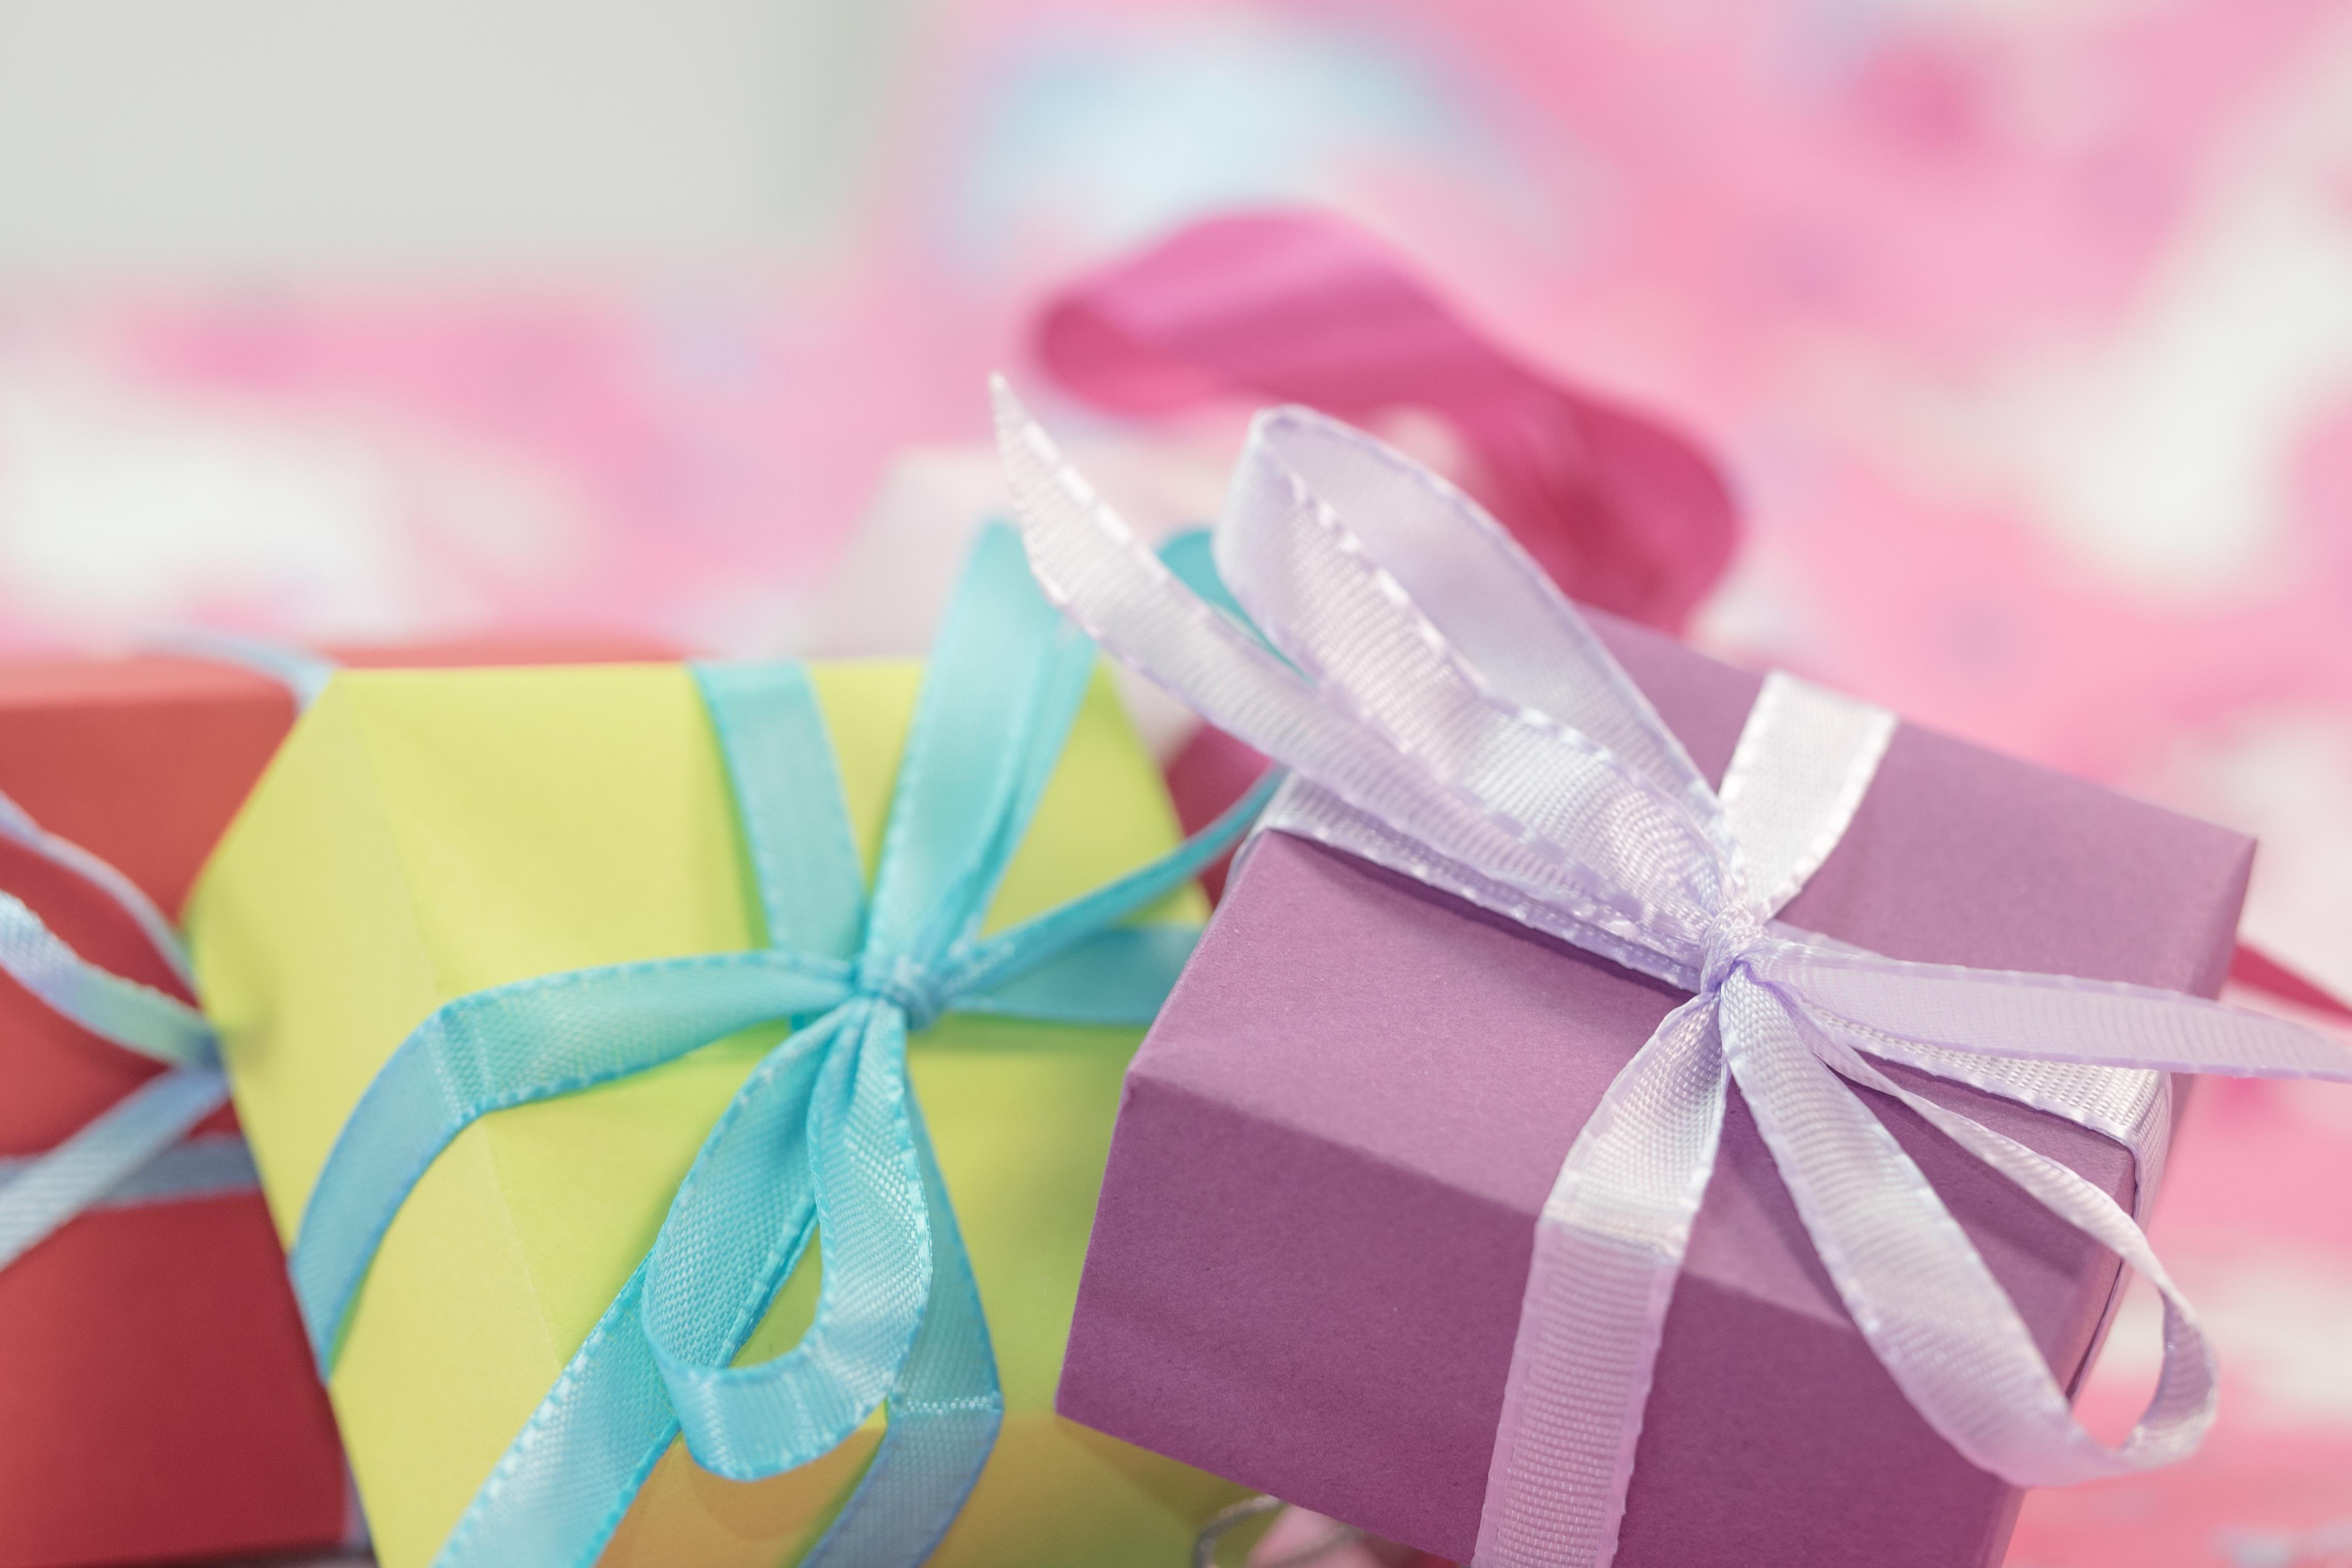 fotos gratis rueda flor ptalo decoracin color vistoso rosado navidad papel paquete adviento decoracin navidea regalos art alegra